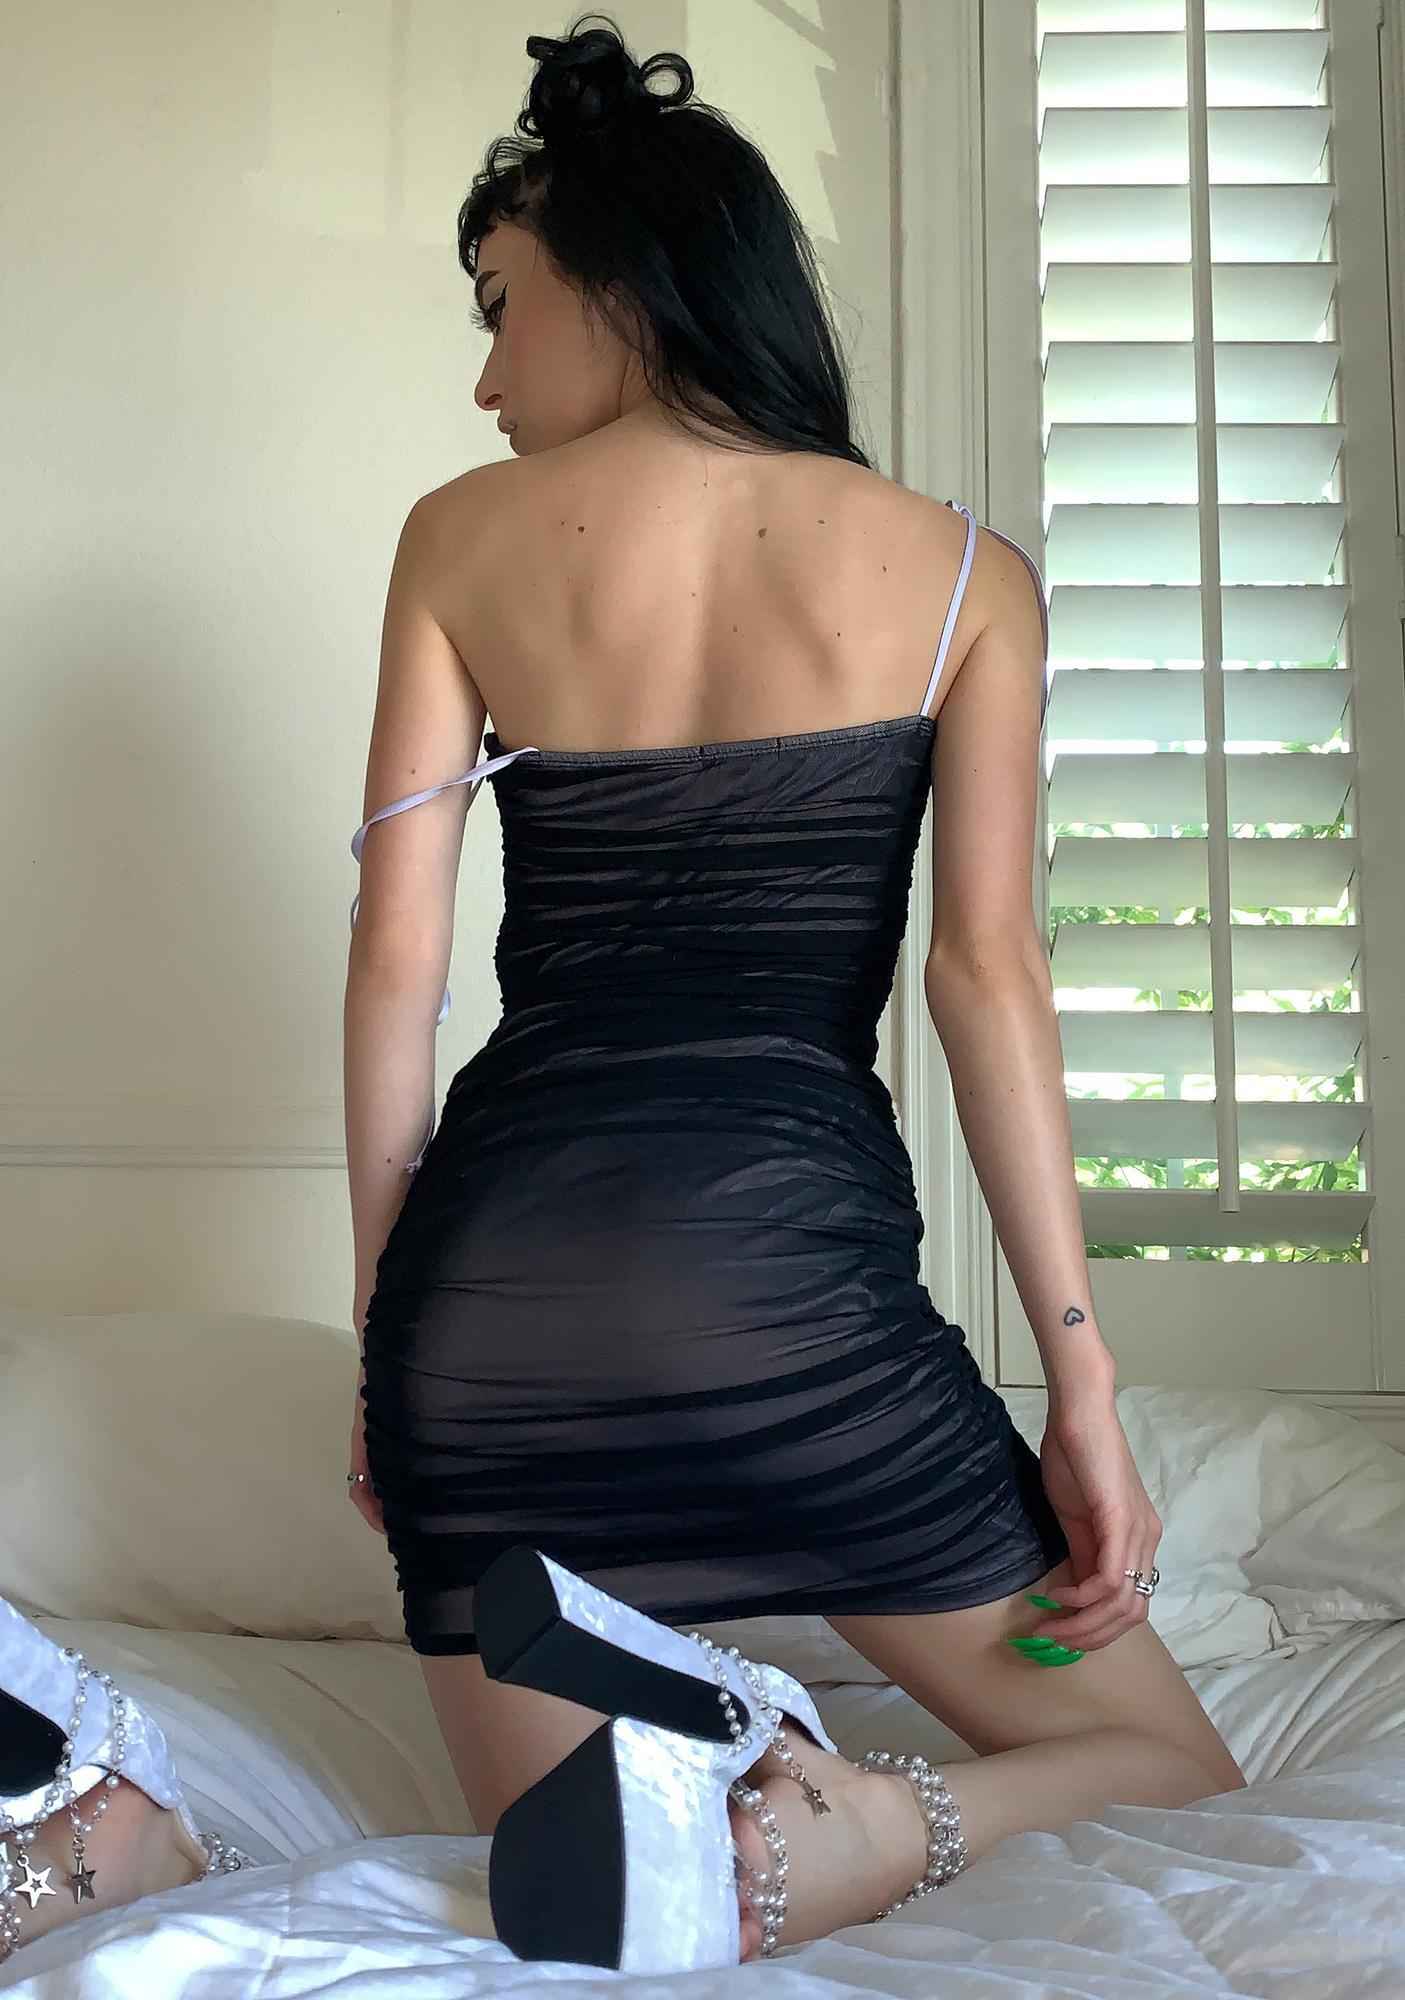 HOROSCOPEZ Emotionally Available Ruched Dress